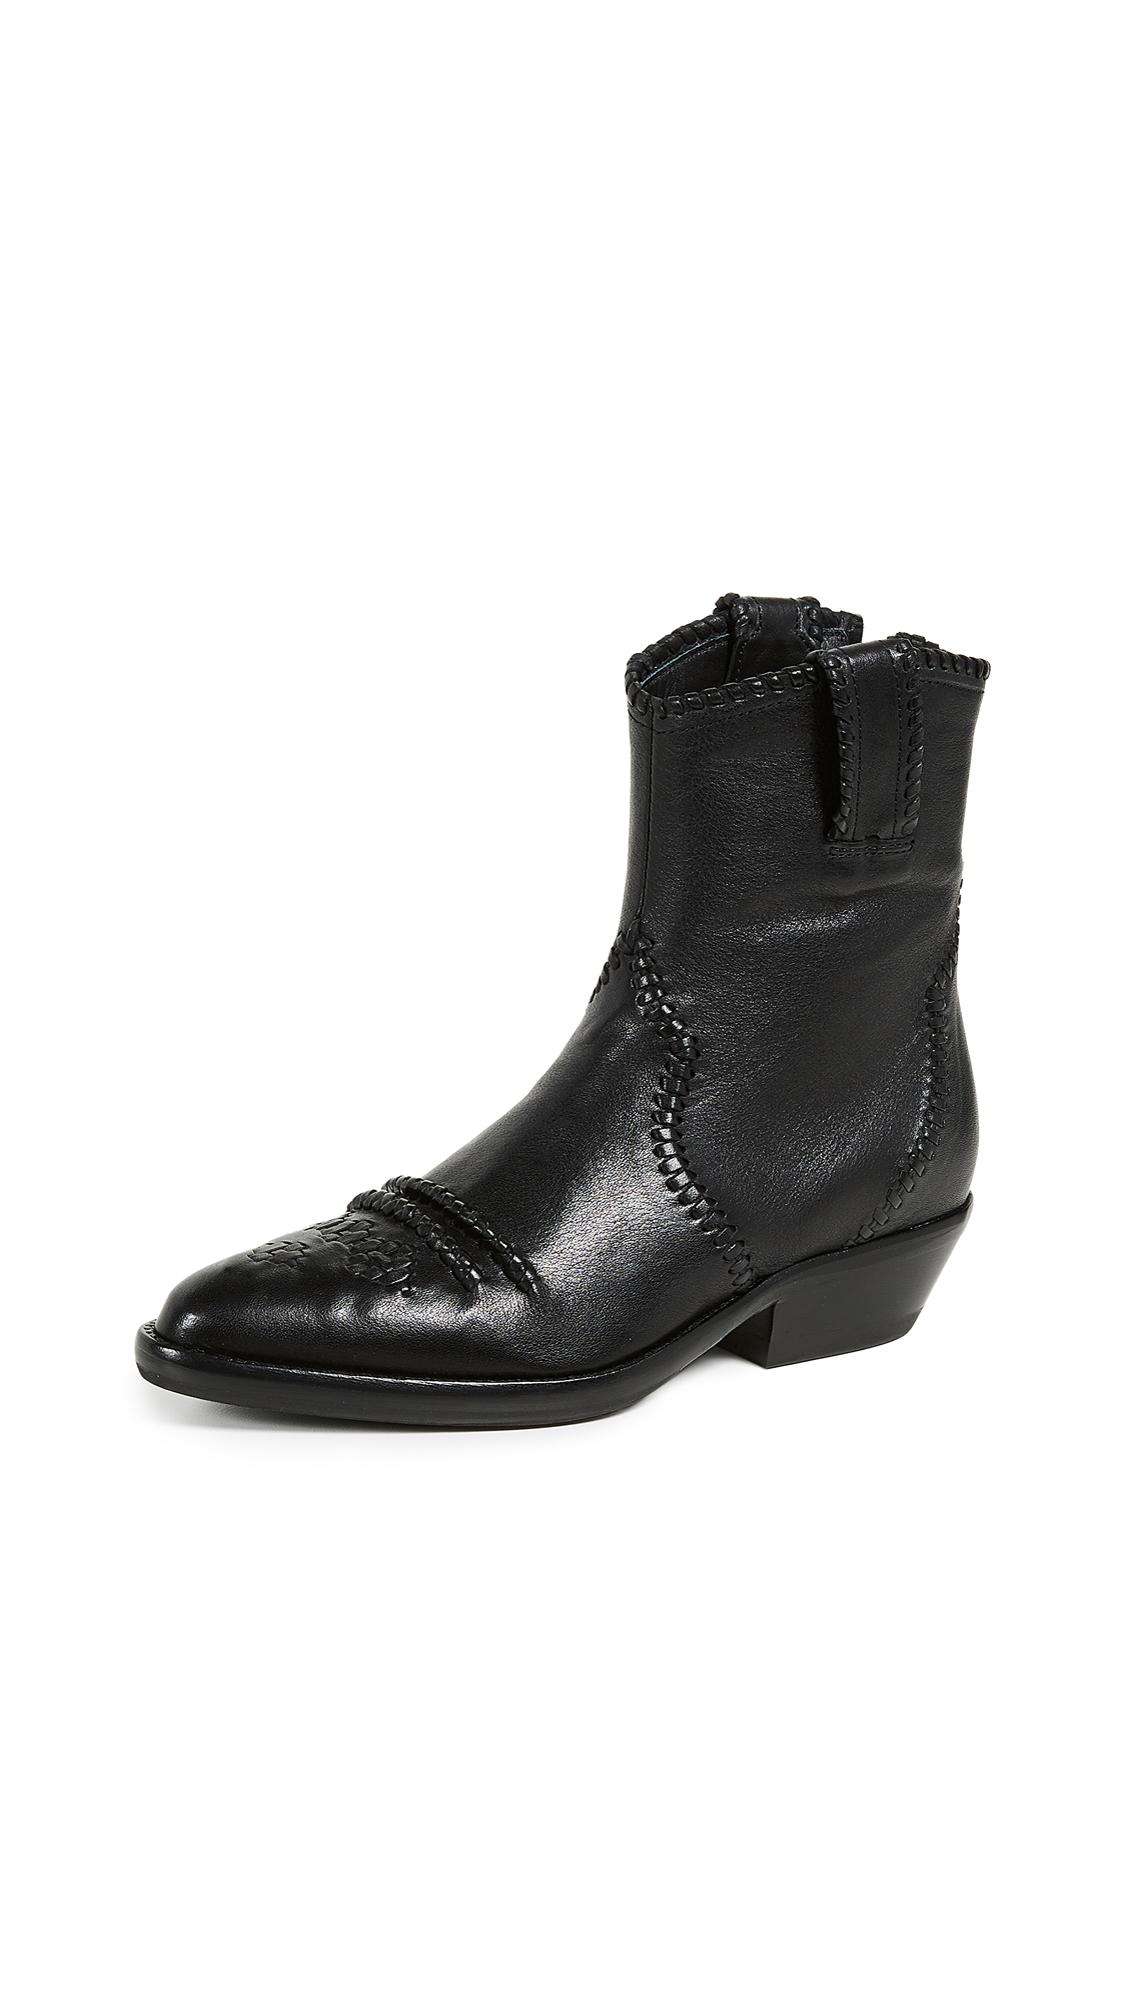 Isabel Marant Denry Boots - Black